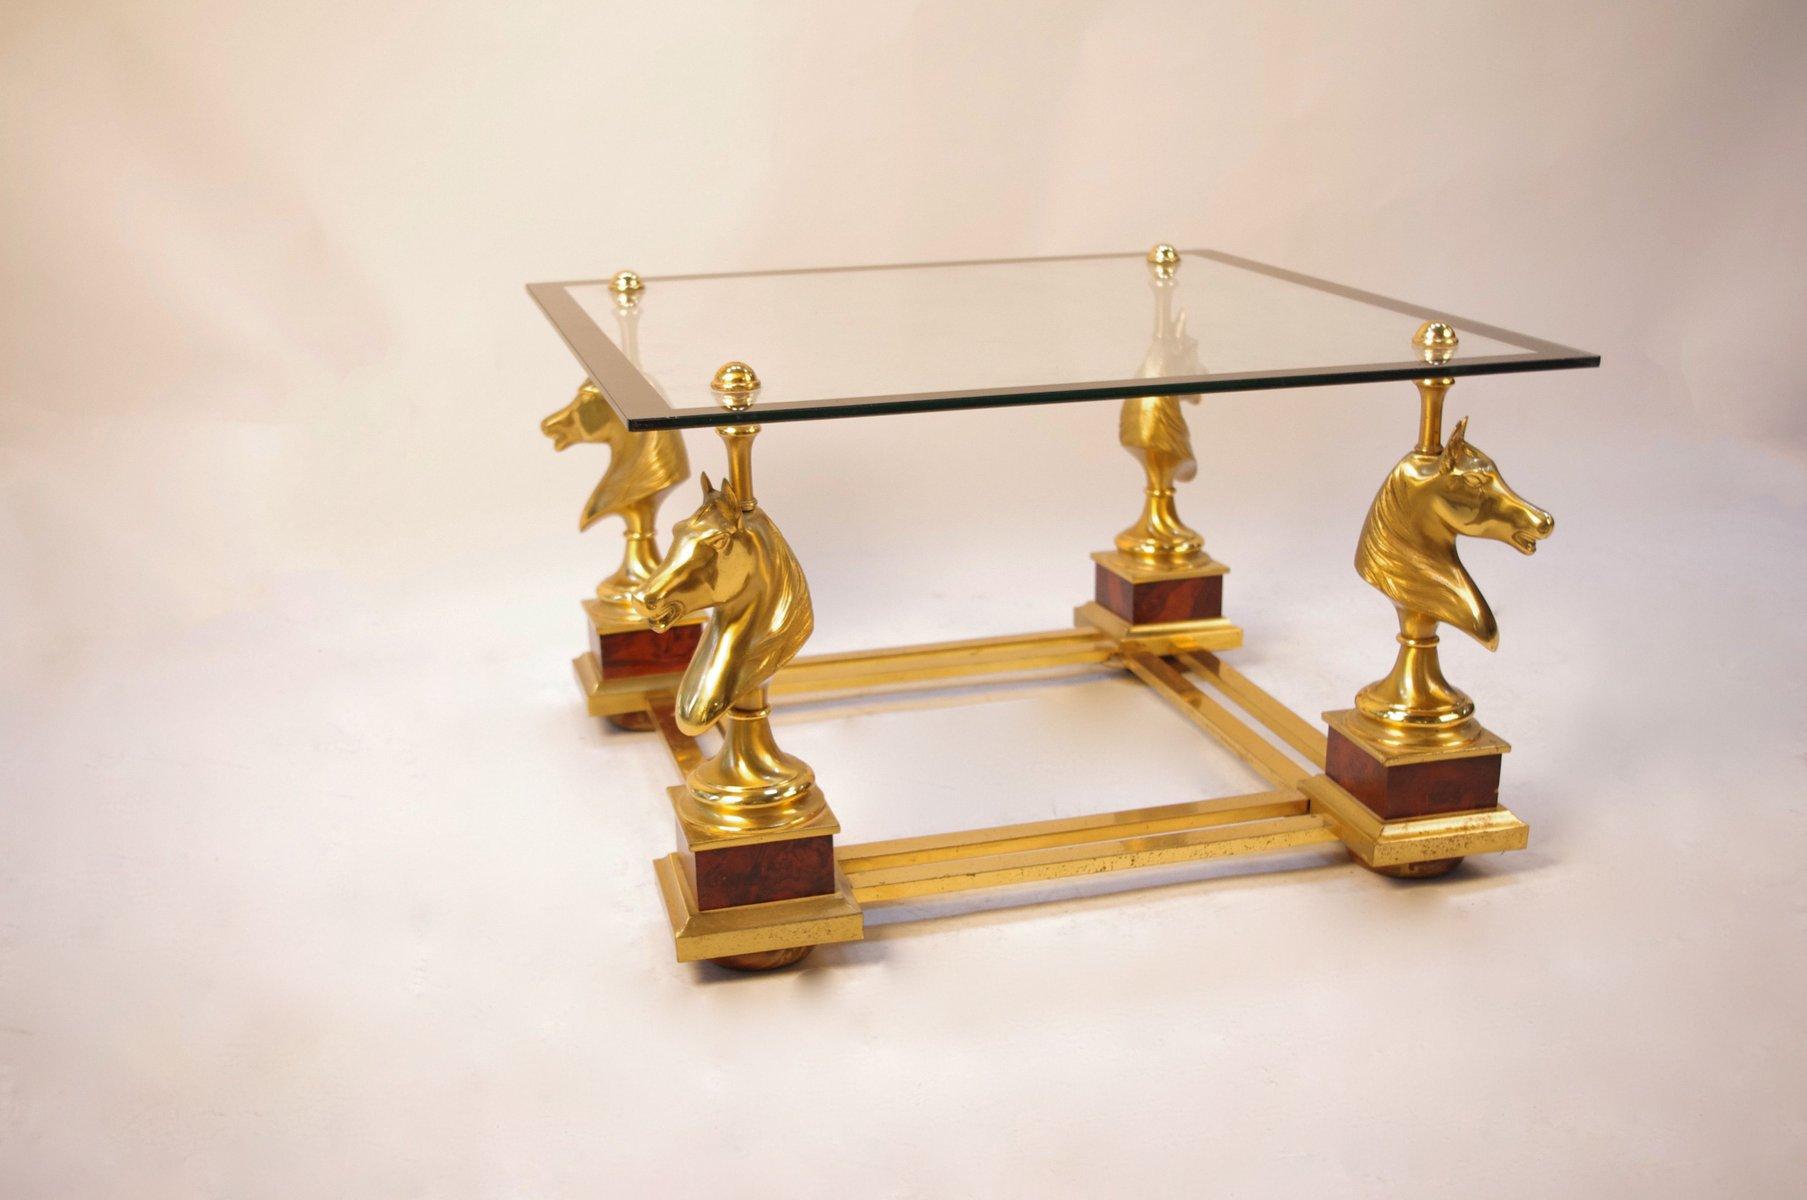 table basse vintage en m tal dor et verre avec 4 bustes de cheval 1960s en vente sur pamono. Black Bedroom Furniture Sets. Home Design Ideas